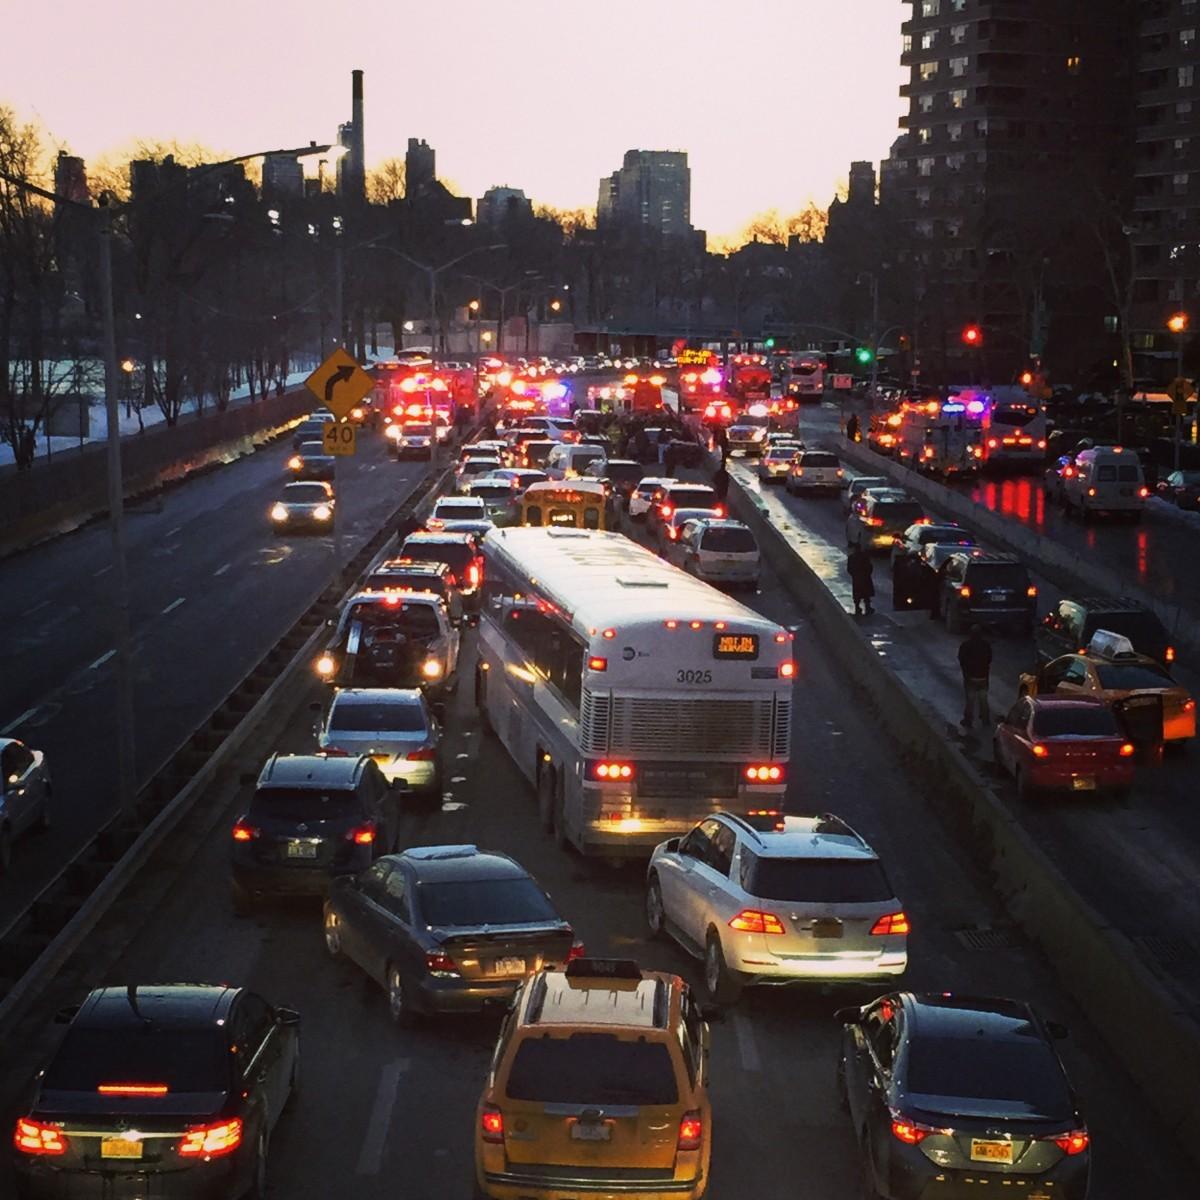 Kaos på FDR Drive, Manhattan, onsdag kväll.